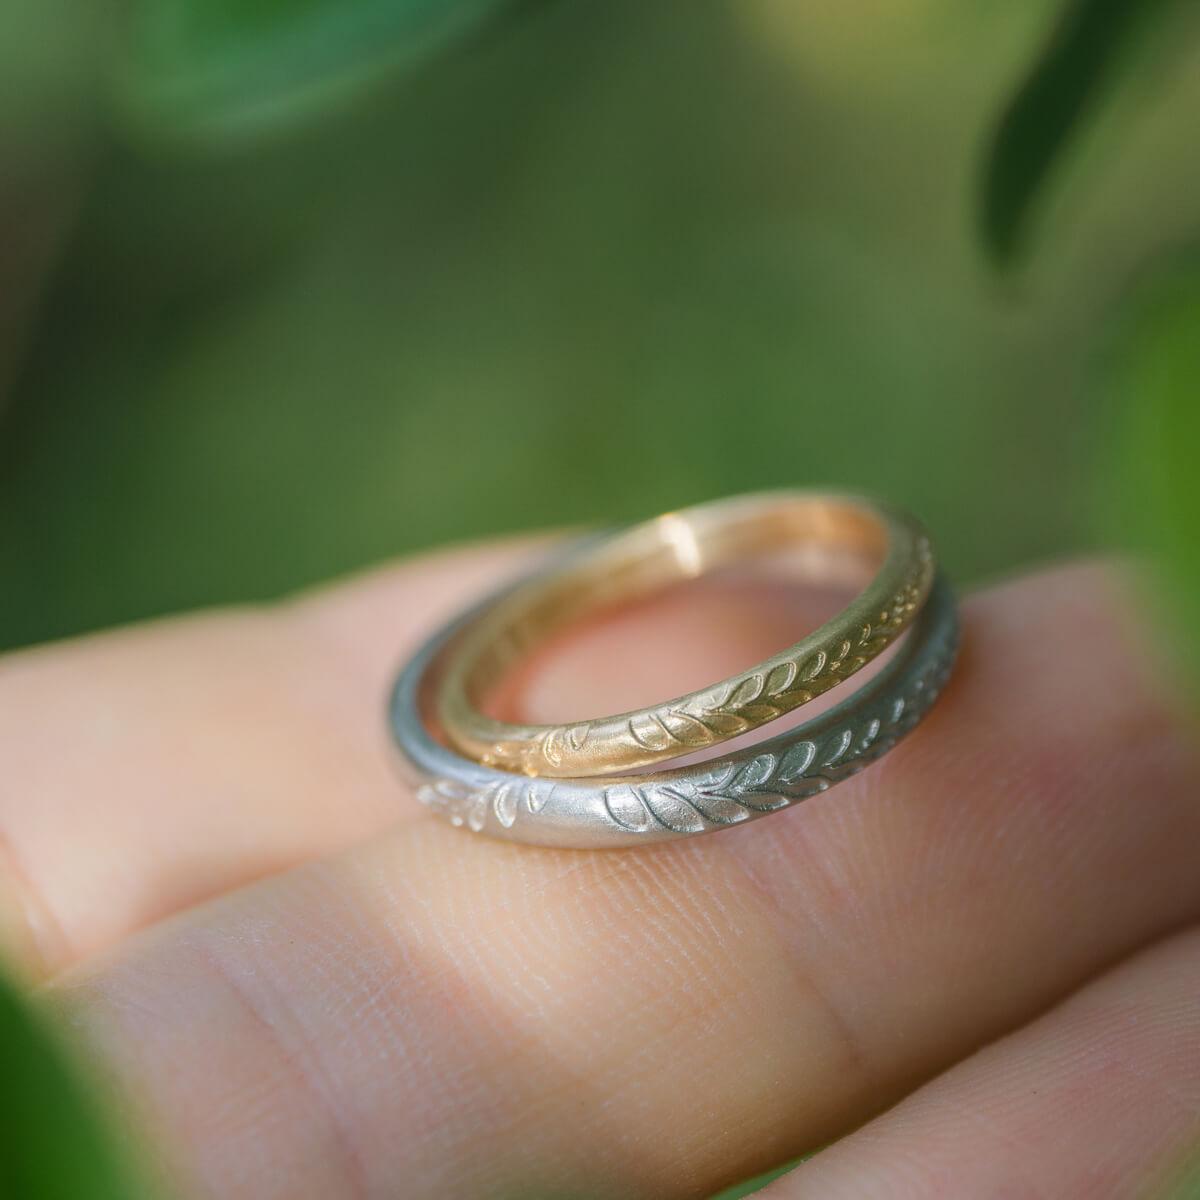 角度2 オーダーメイドマリッジリング 屋久島の緑バック プラチナ、ゴールド 屋久島のシダモチーフ 屋久島でつくる結婚指輪